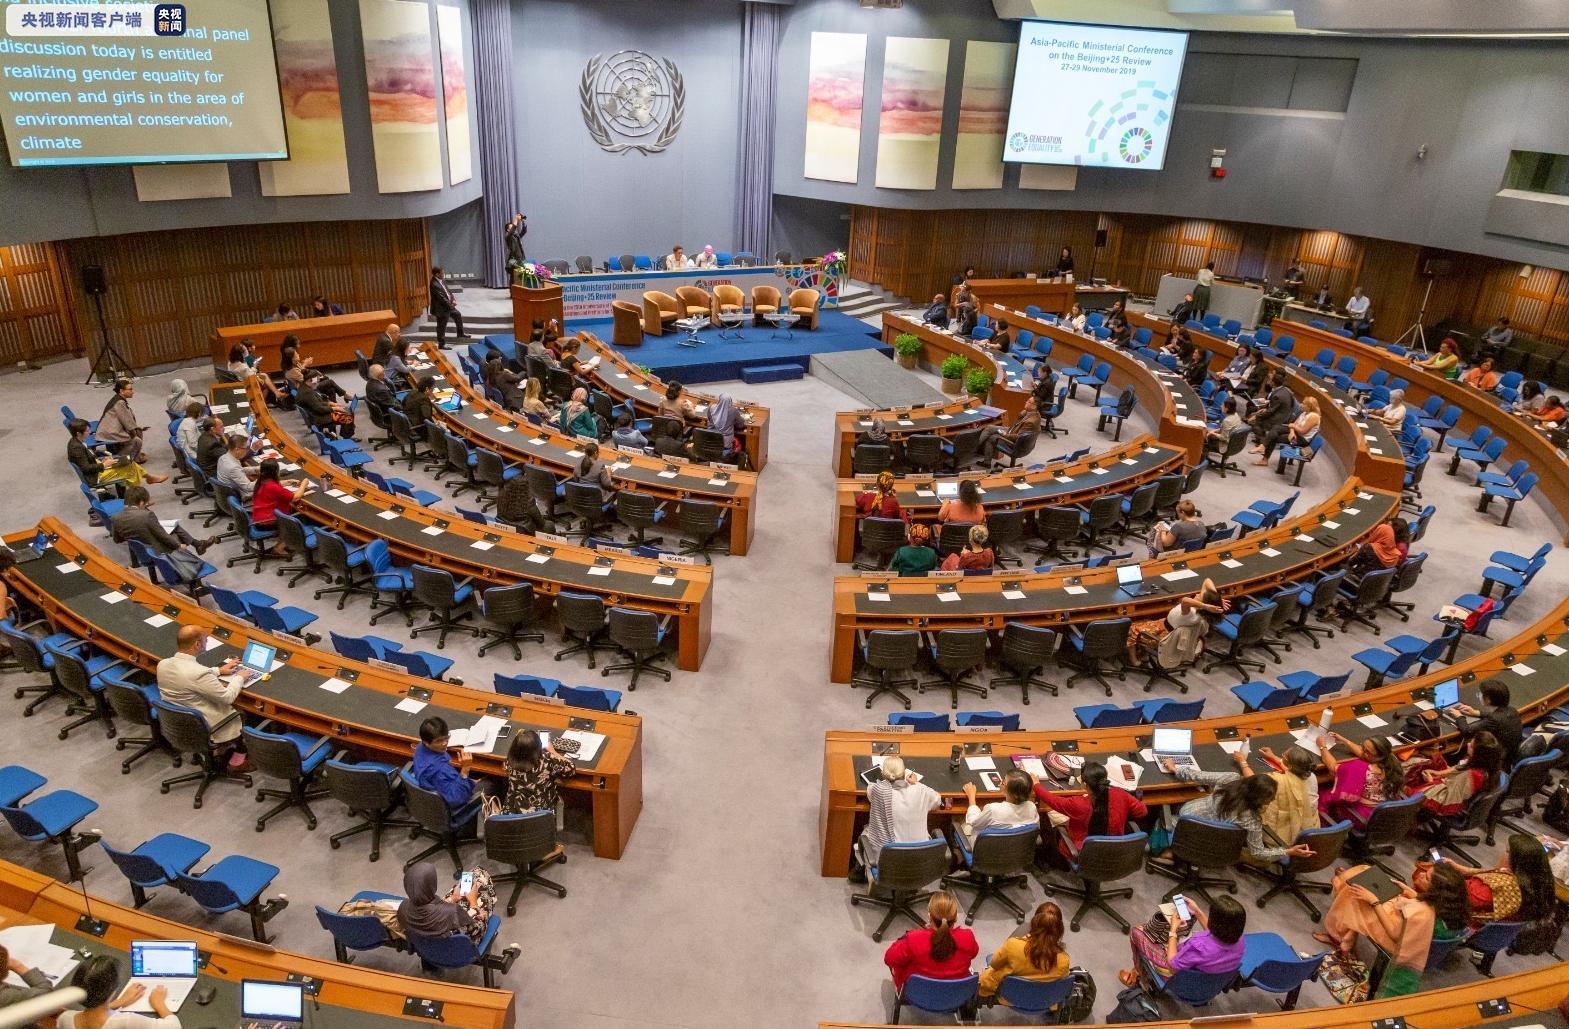 联合国亚太妇女权益审议会闭幕,通过了这项宣言